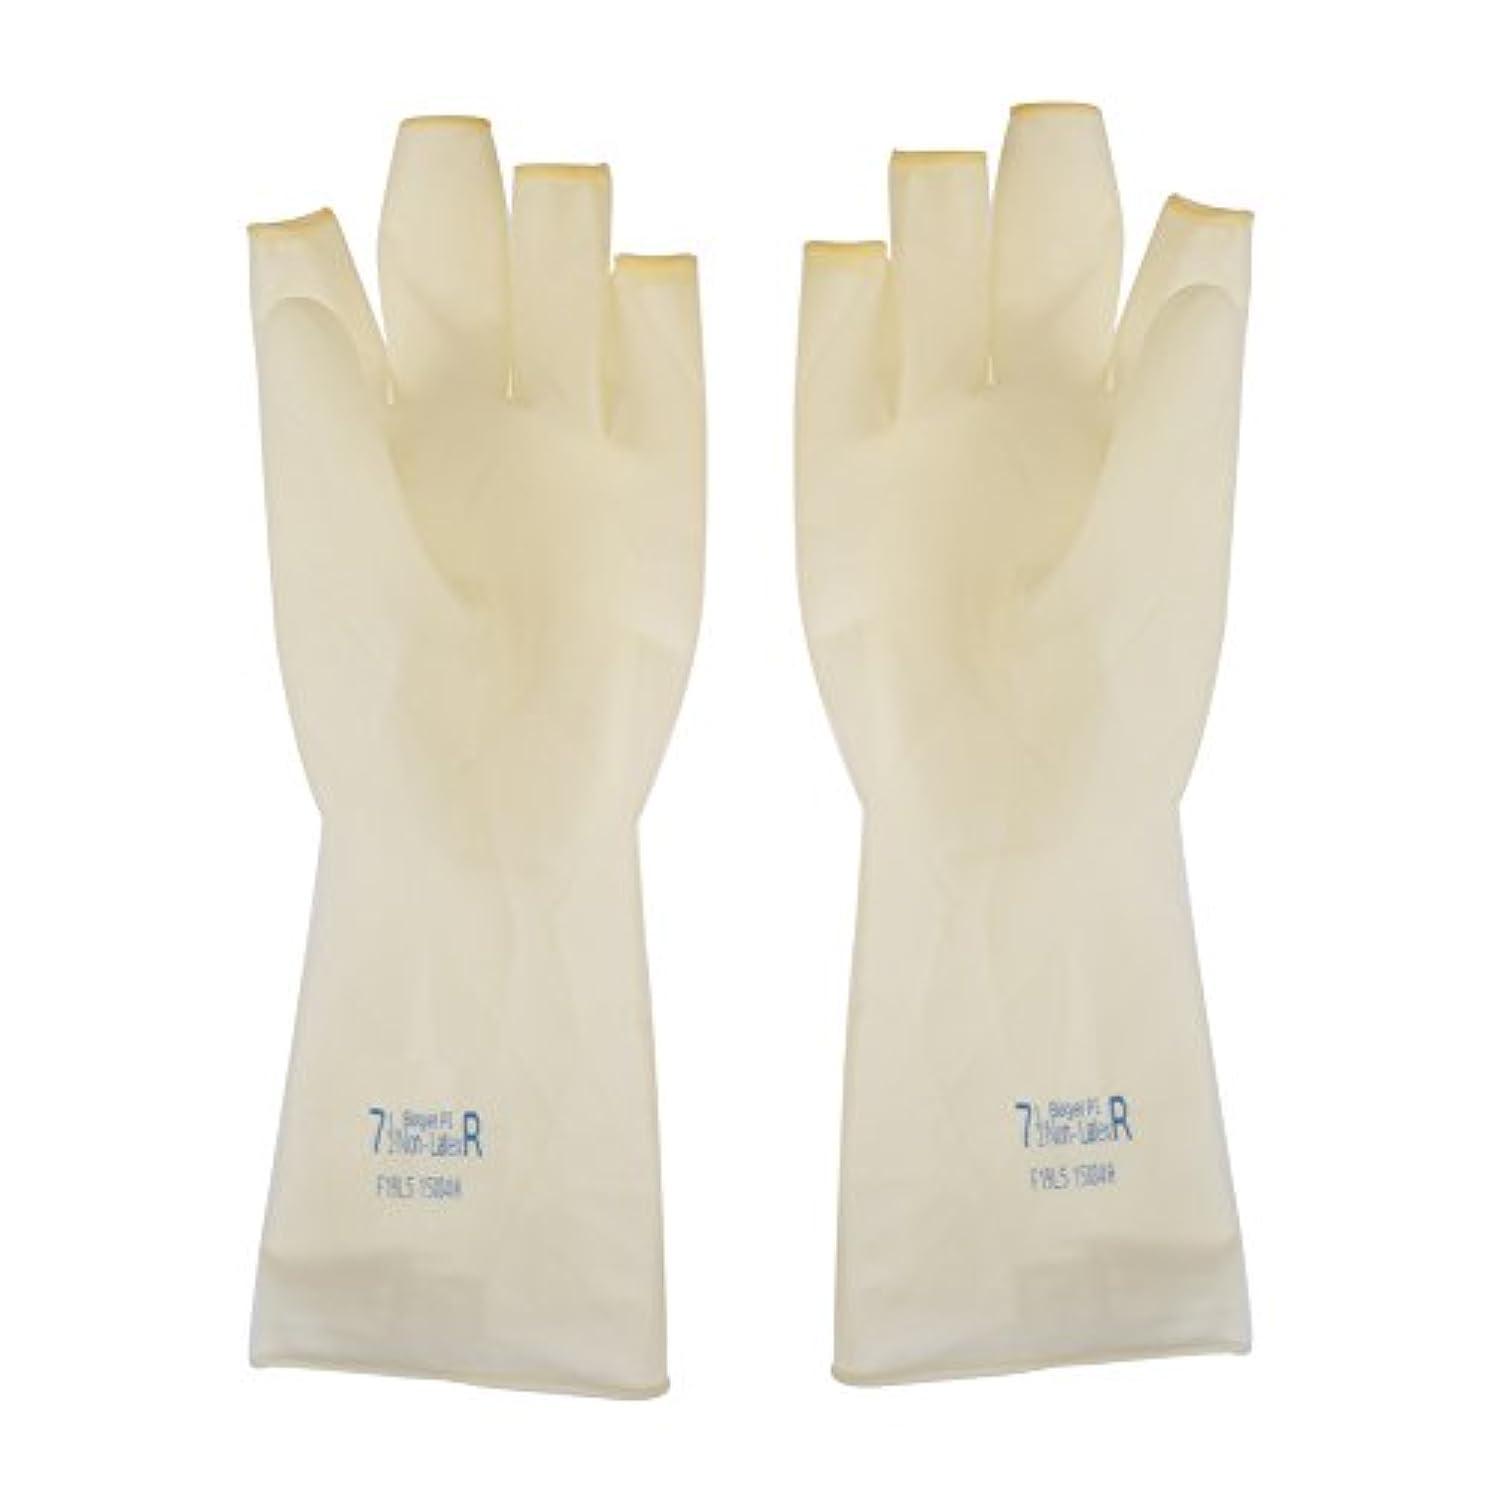 中で芽マチュピチュAEdiea 1ペア ゴム手袋   毛染め手袋 使い捨て 弾性 伸縮性 ヘアサロン サロンツール (M)